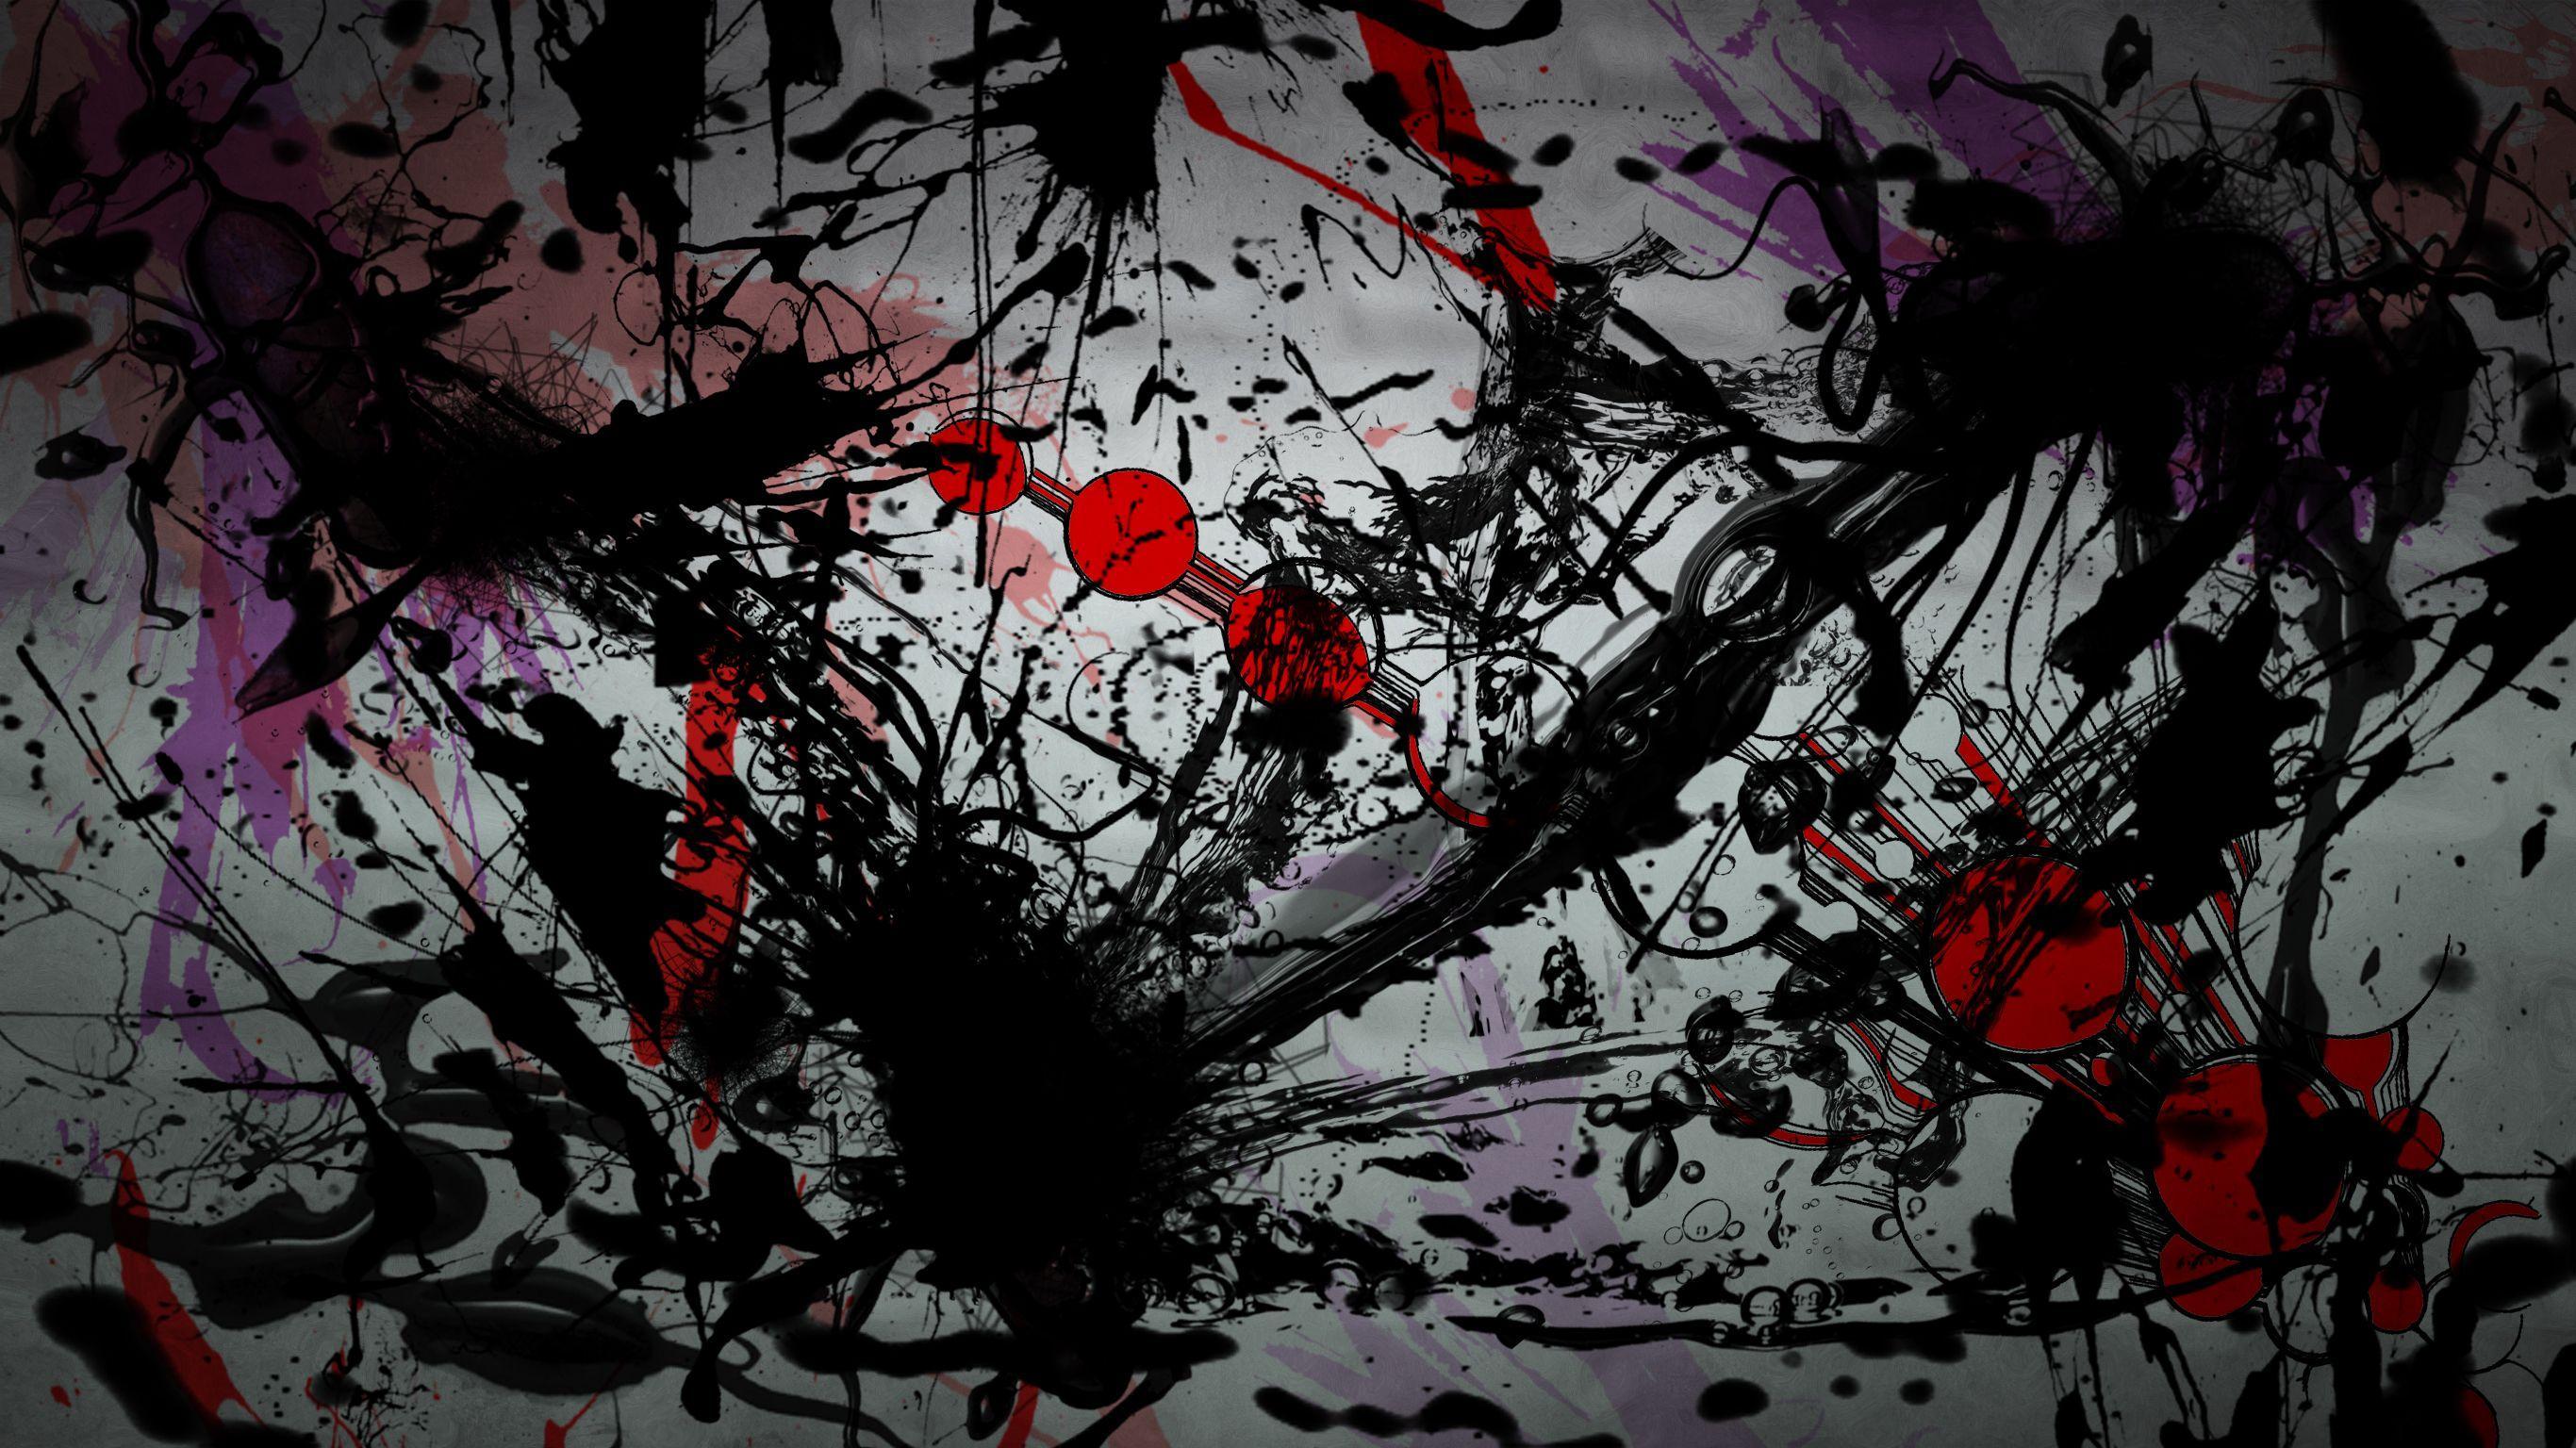 сделанный картинки бело-красно-черного цвета когда нужно